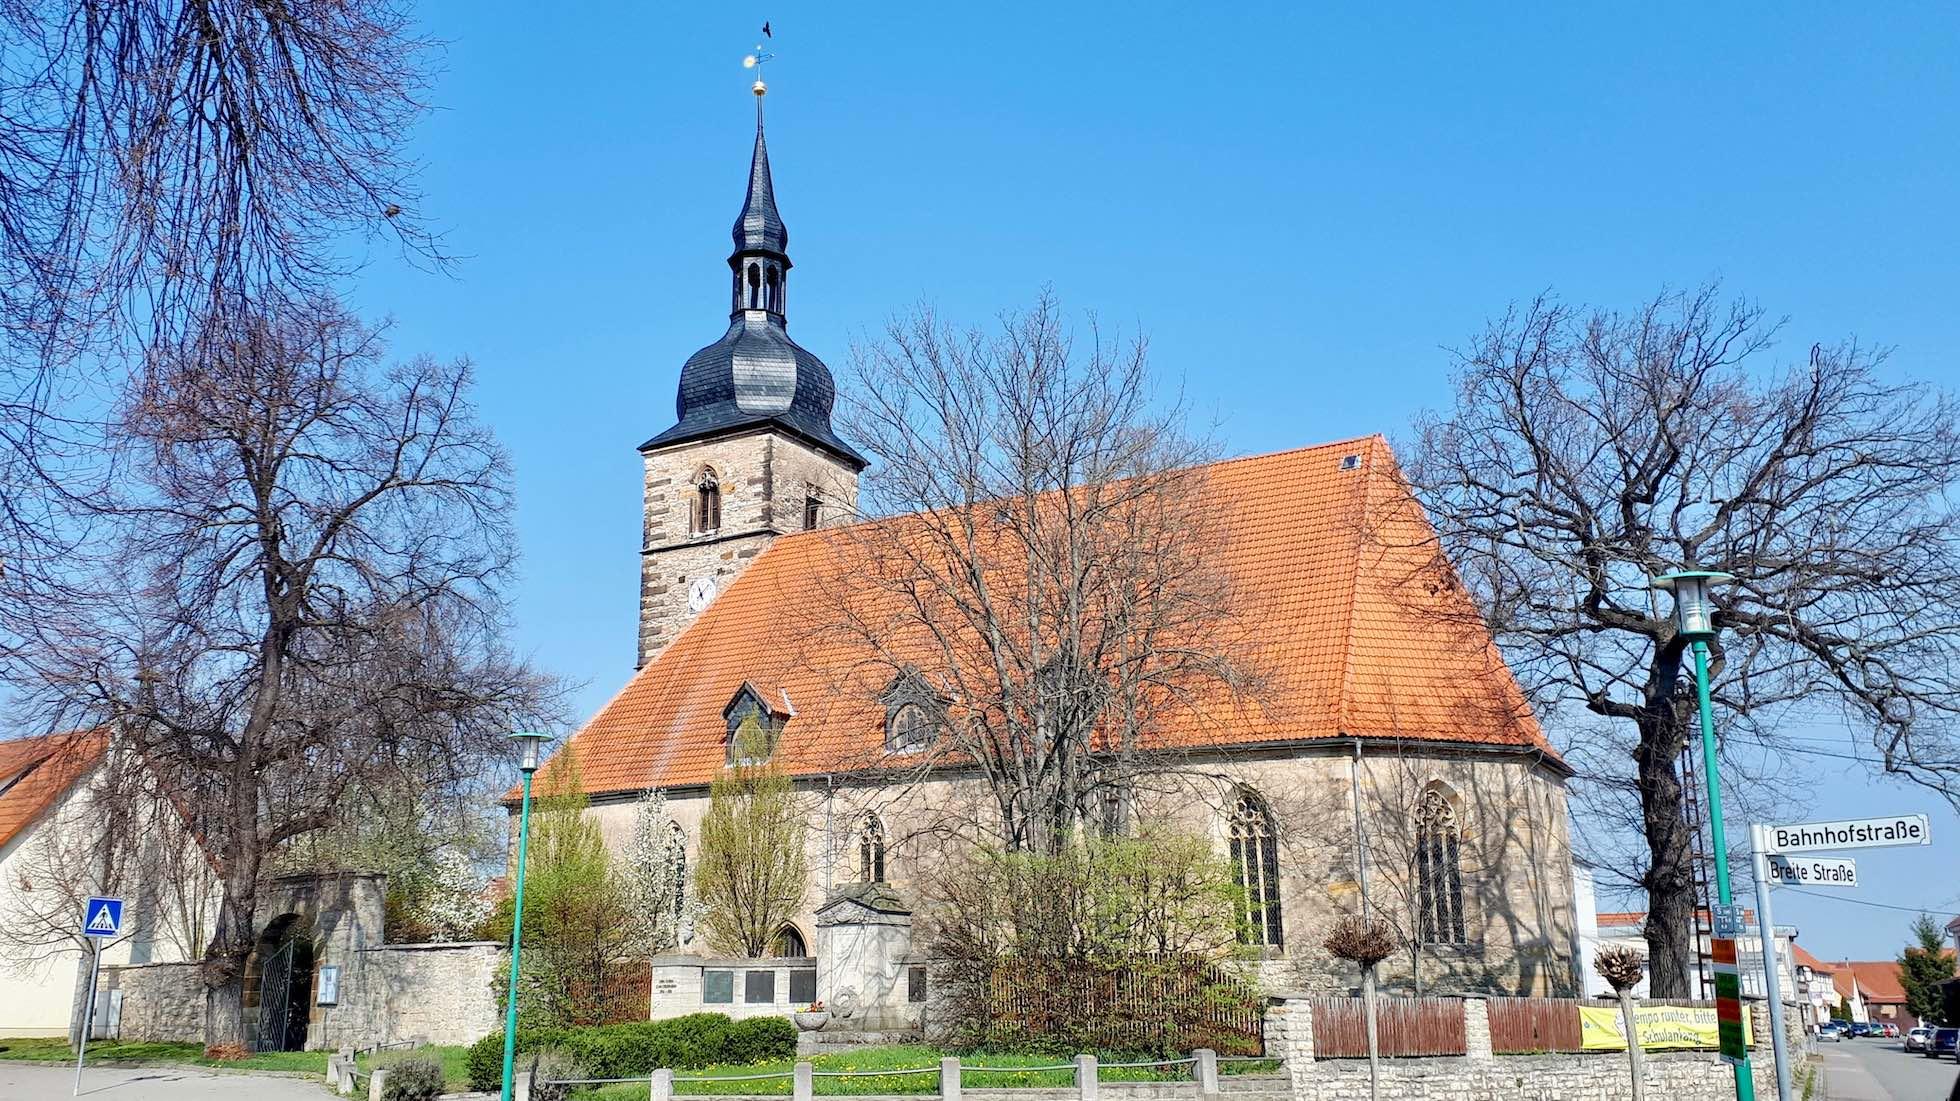 Frontalansicht der Kirche in Walschleben